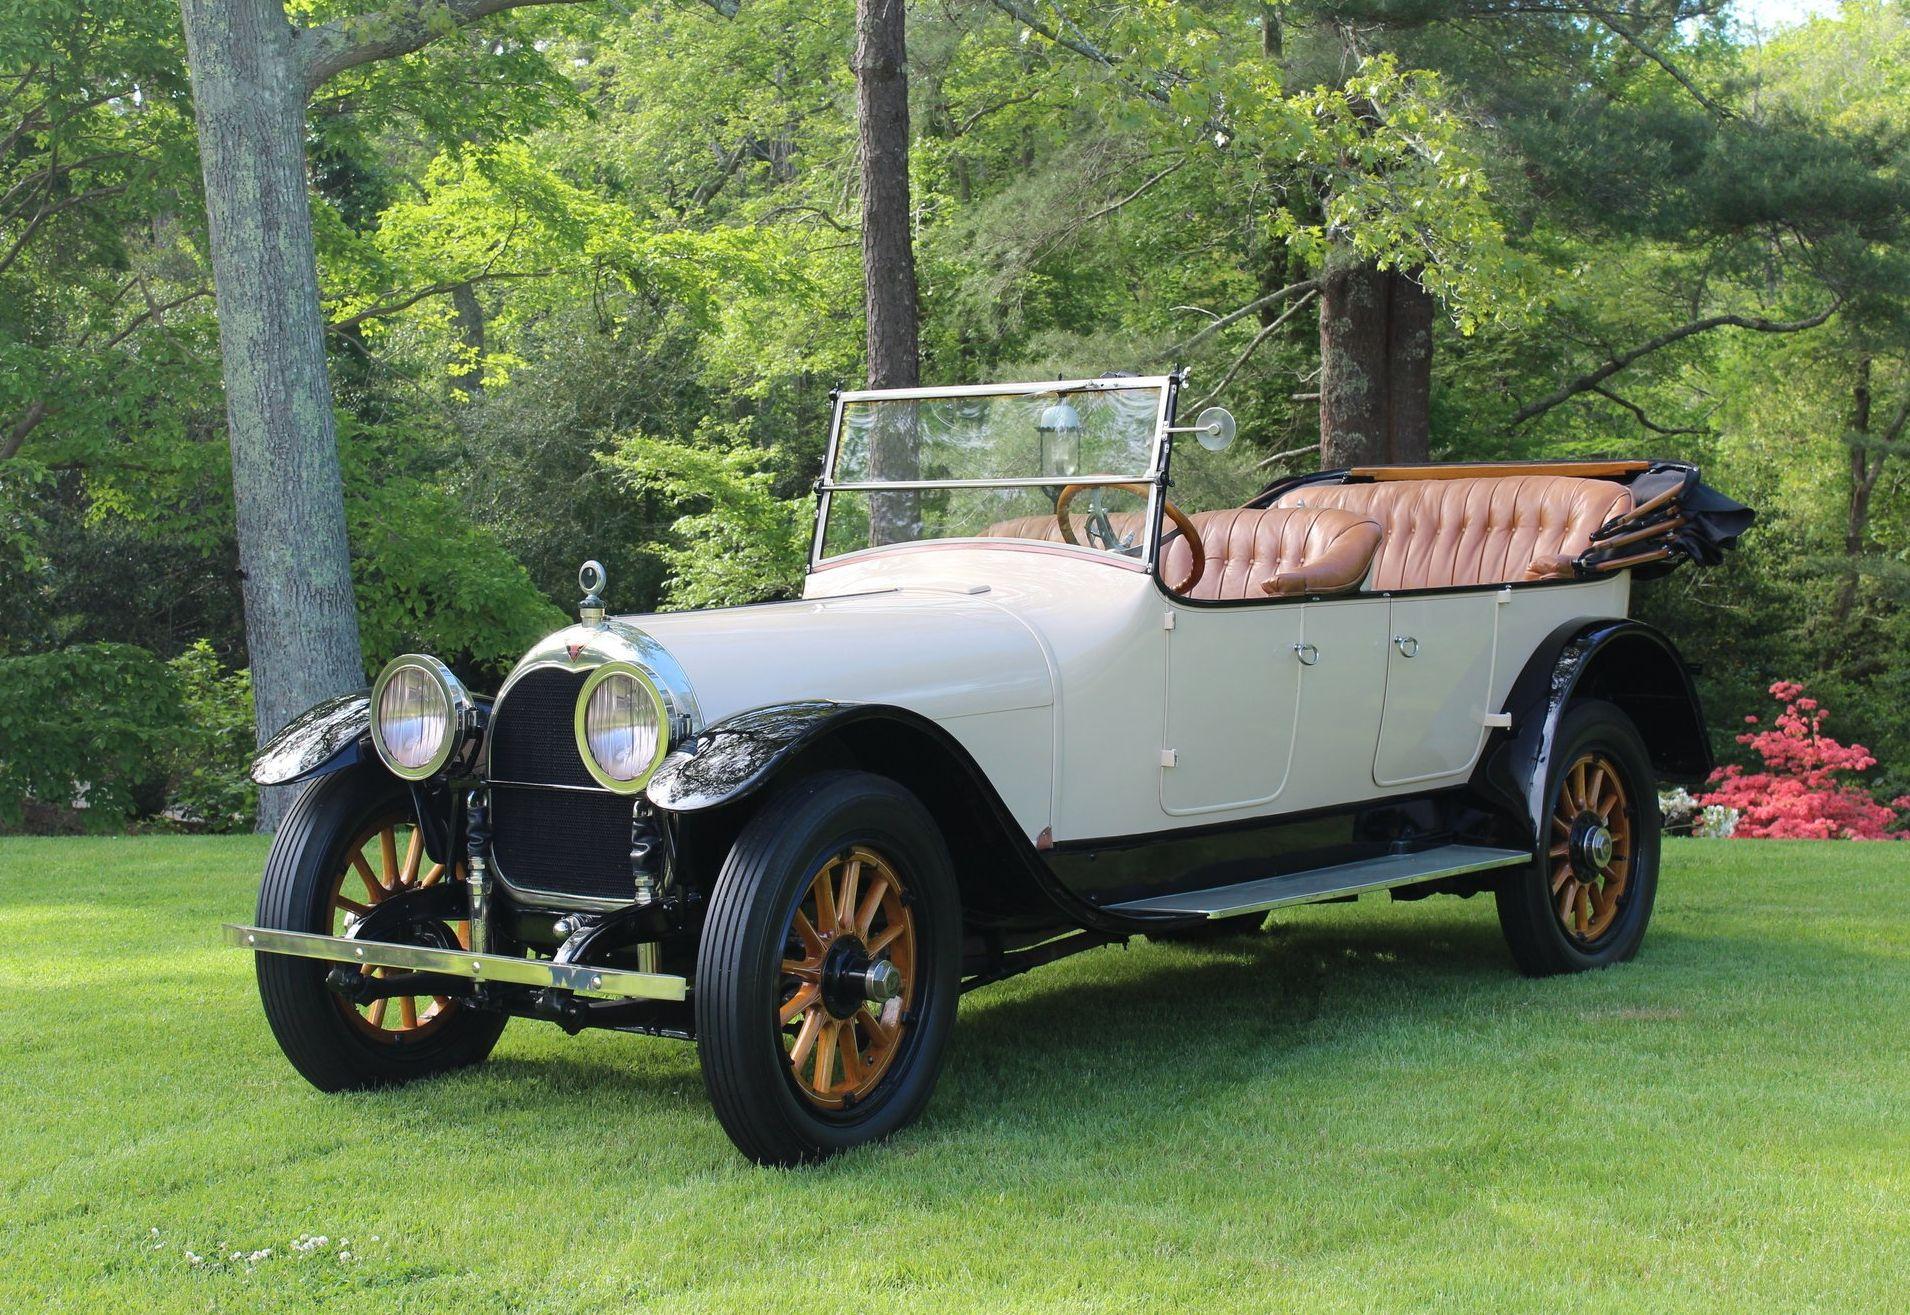 1916 Simplex Crane Model 5 Touring